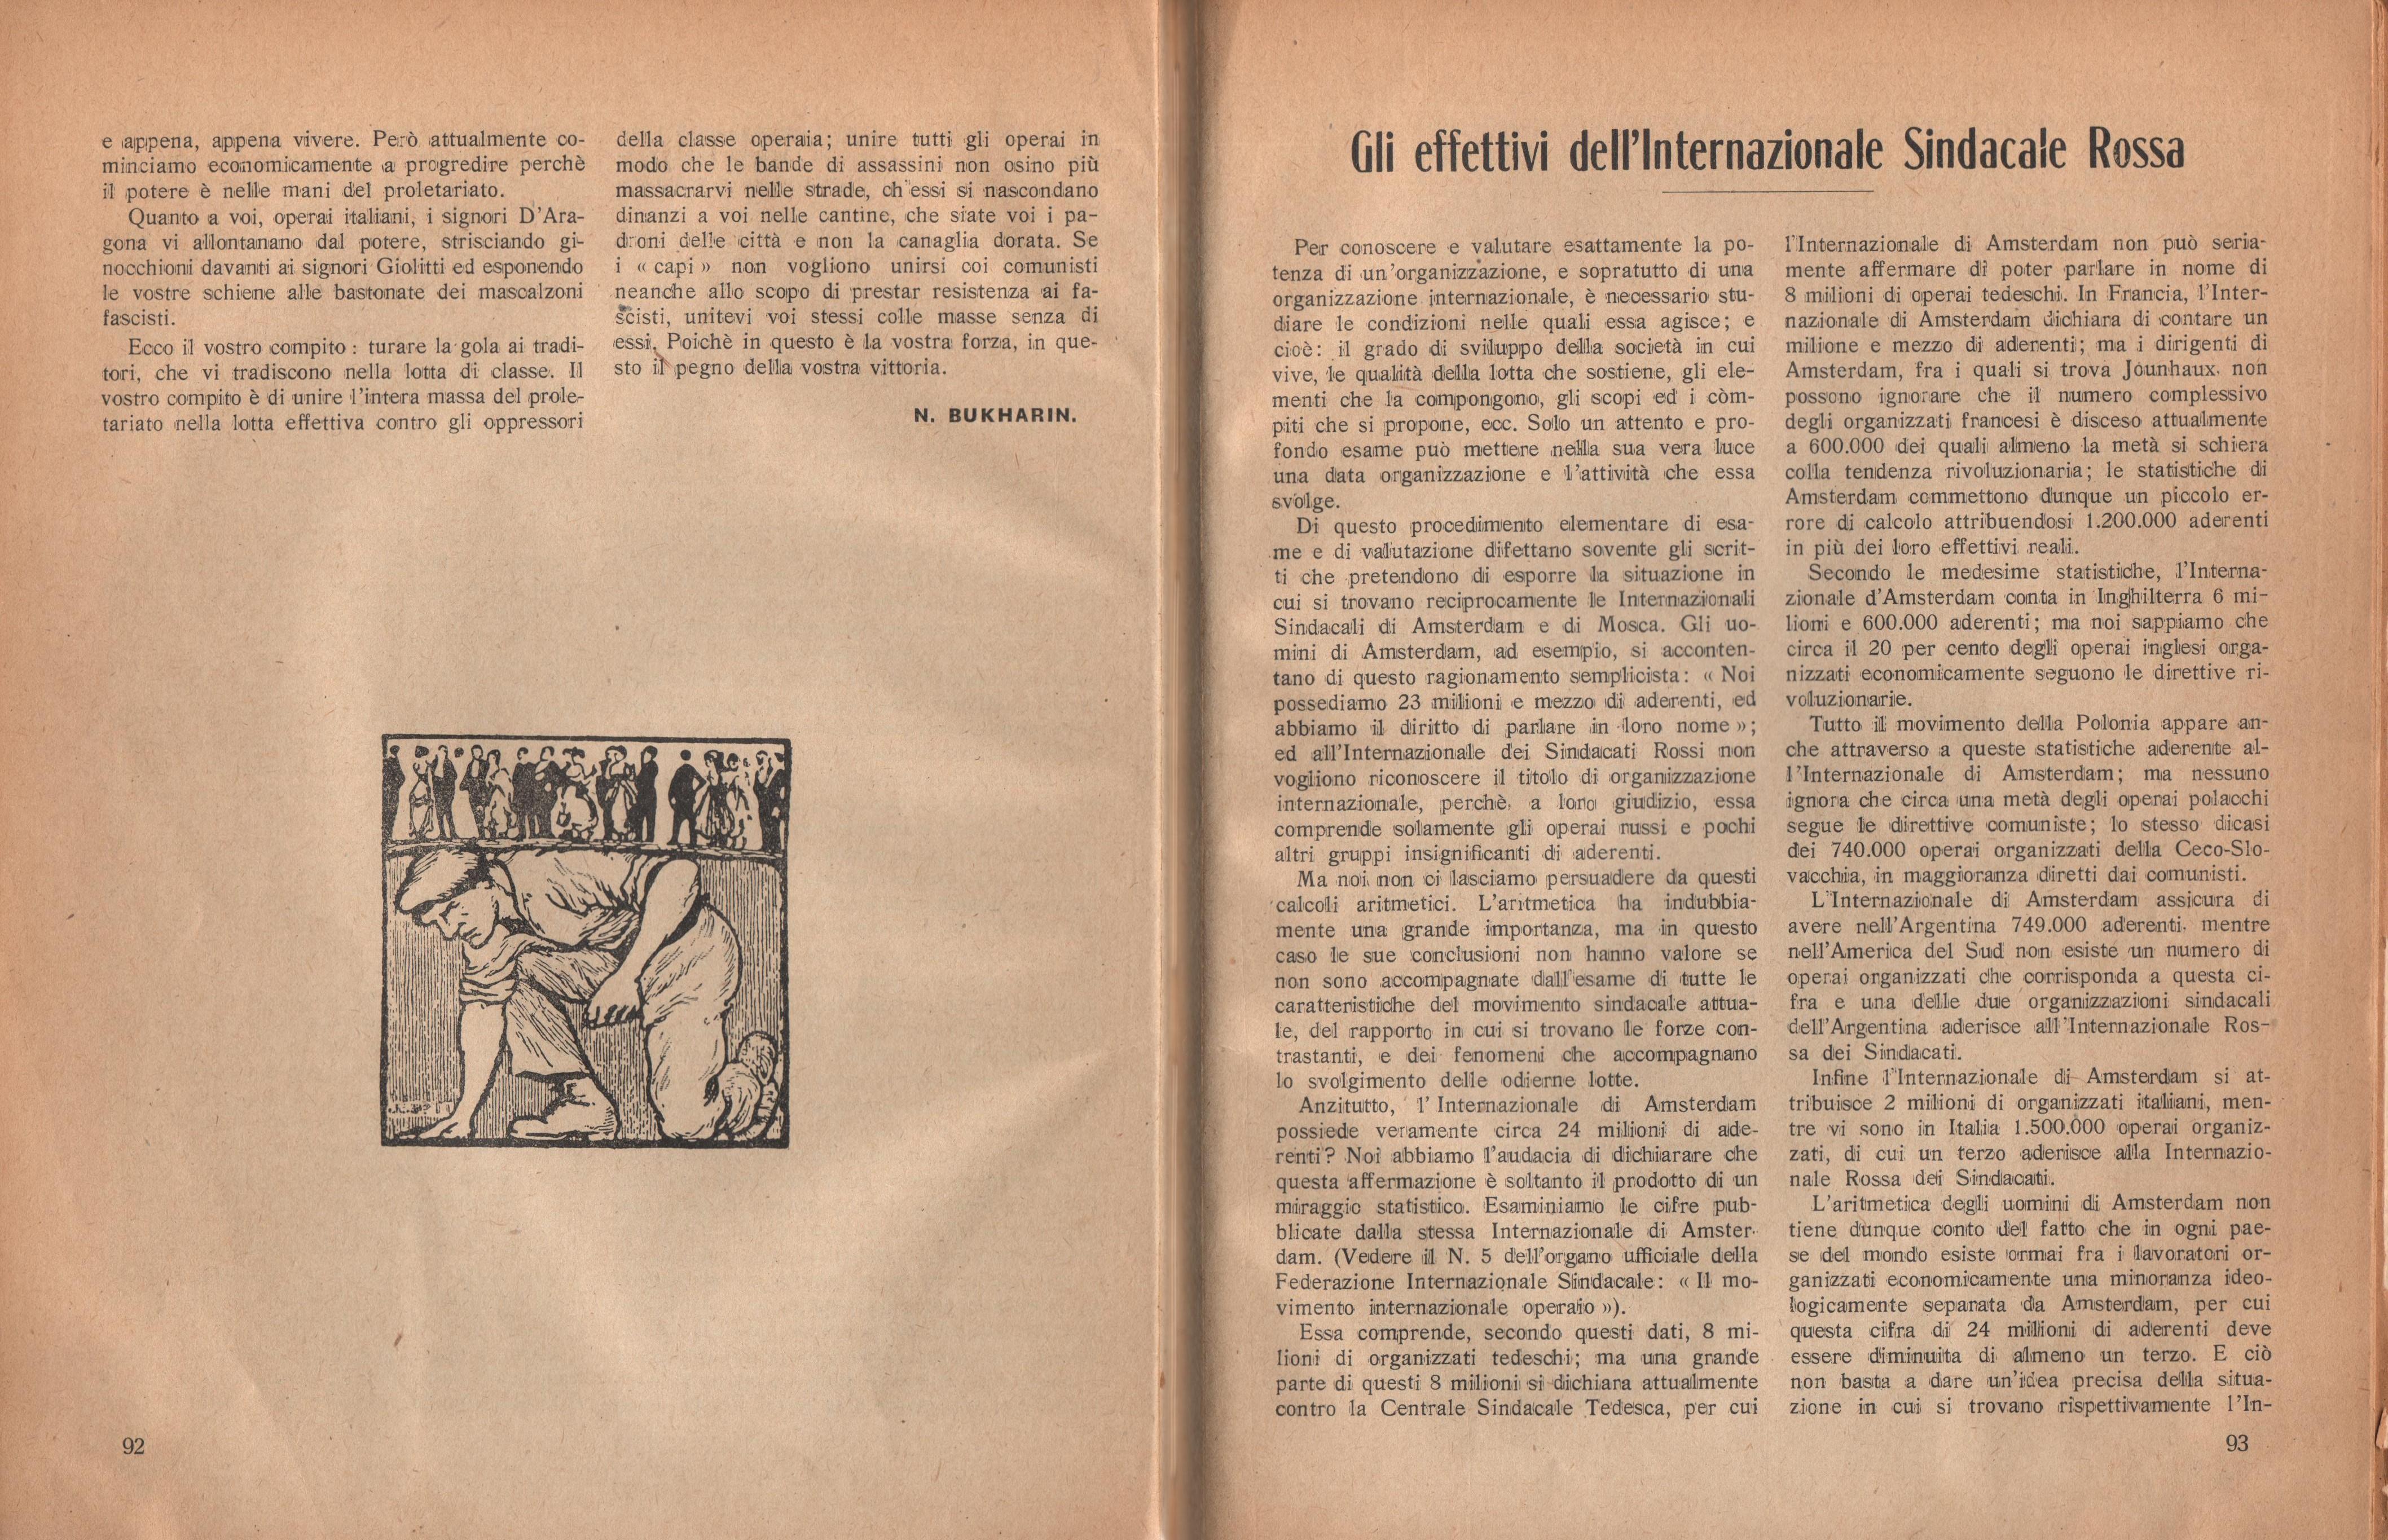 Almanacco comunista 1922 - pag. 55